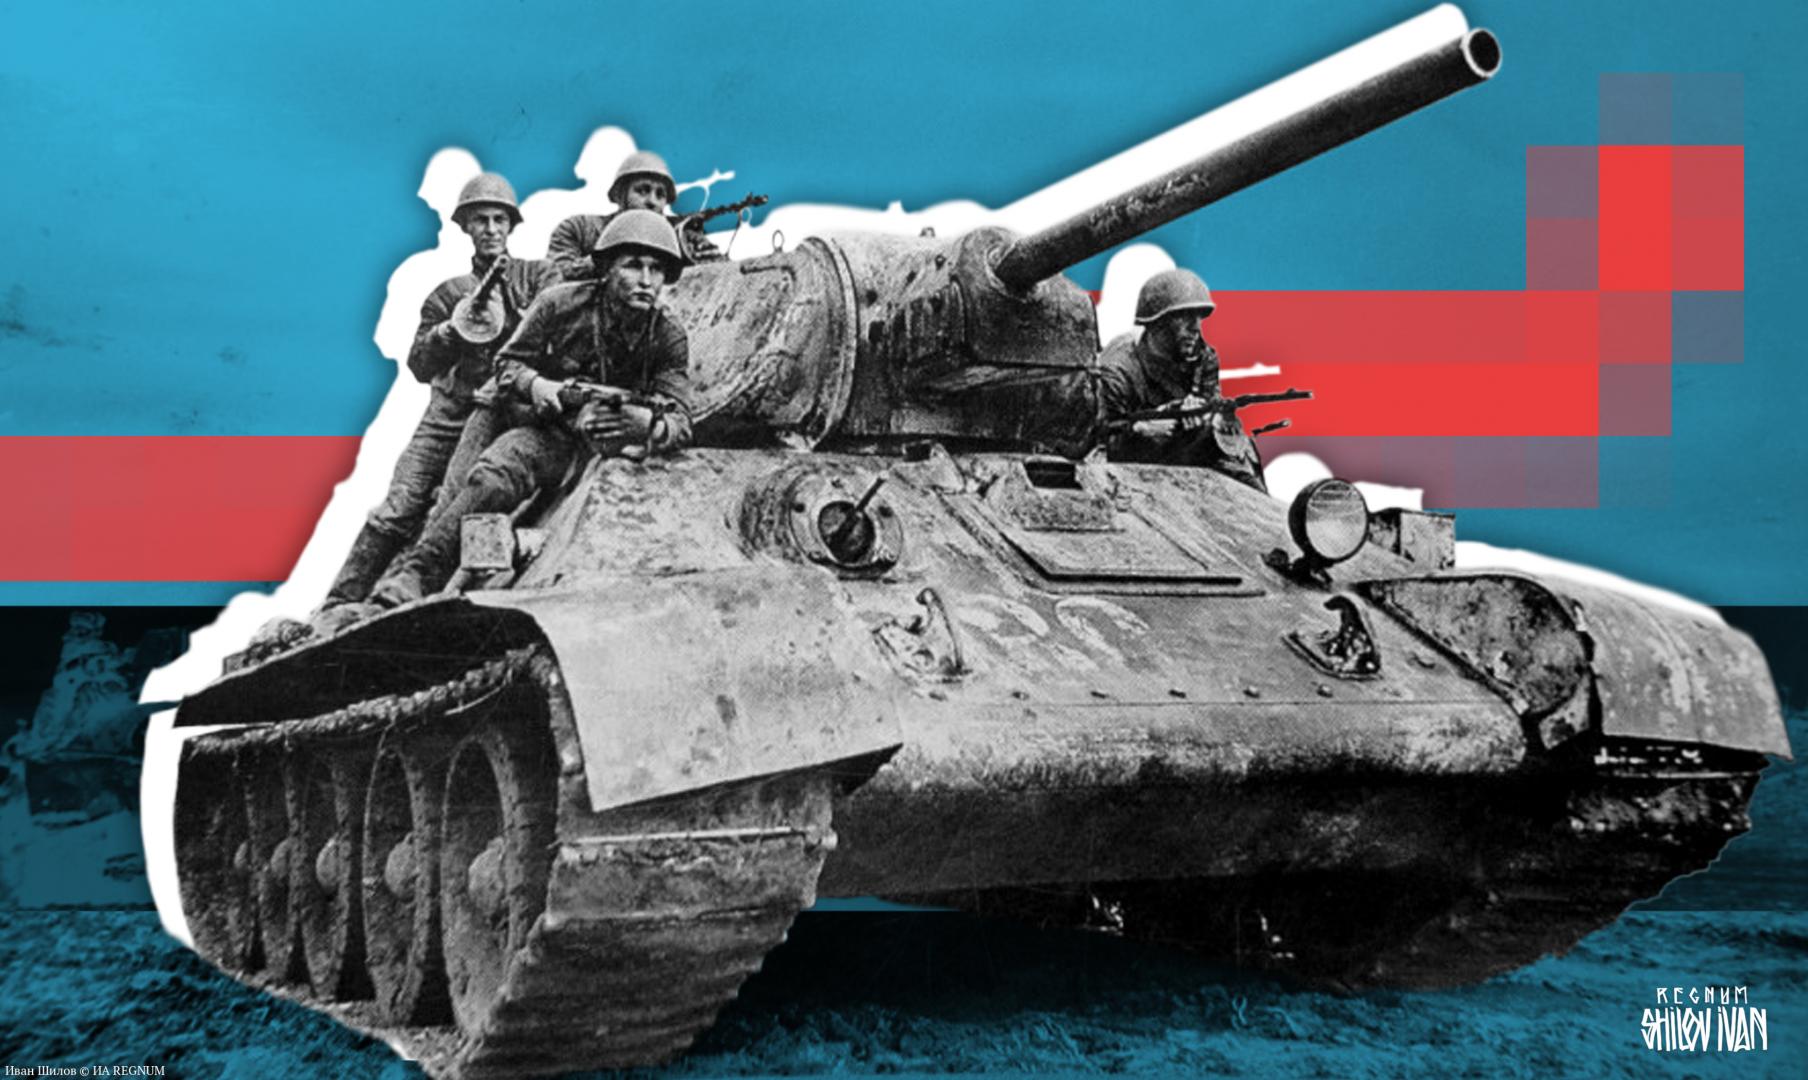 Война: Тамбовская область 1941 — 1945 гг. Радио REGNUM